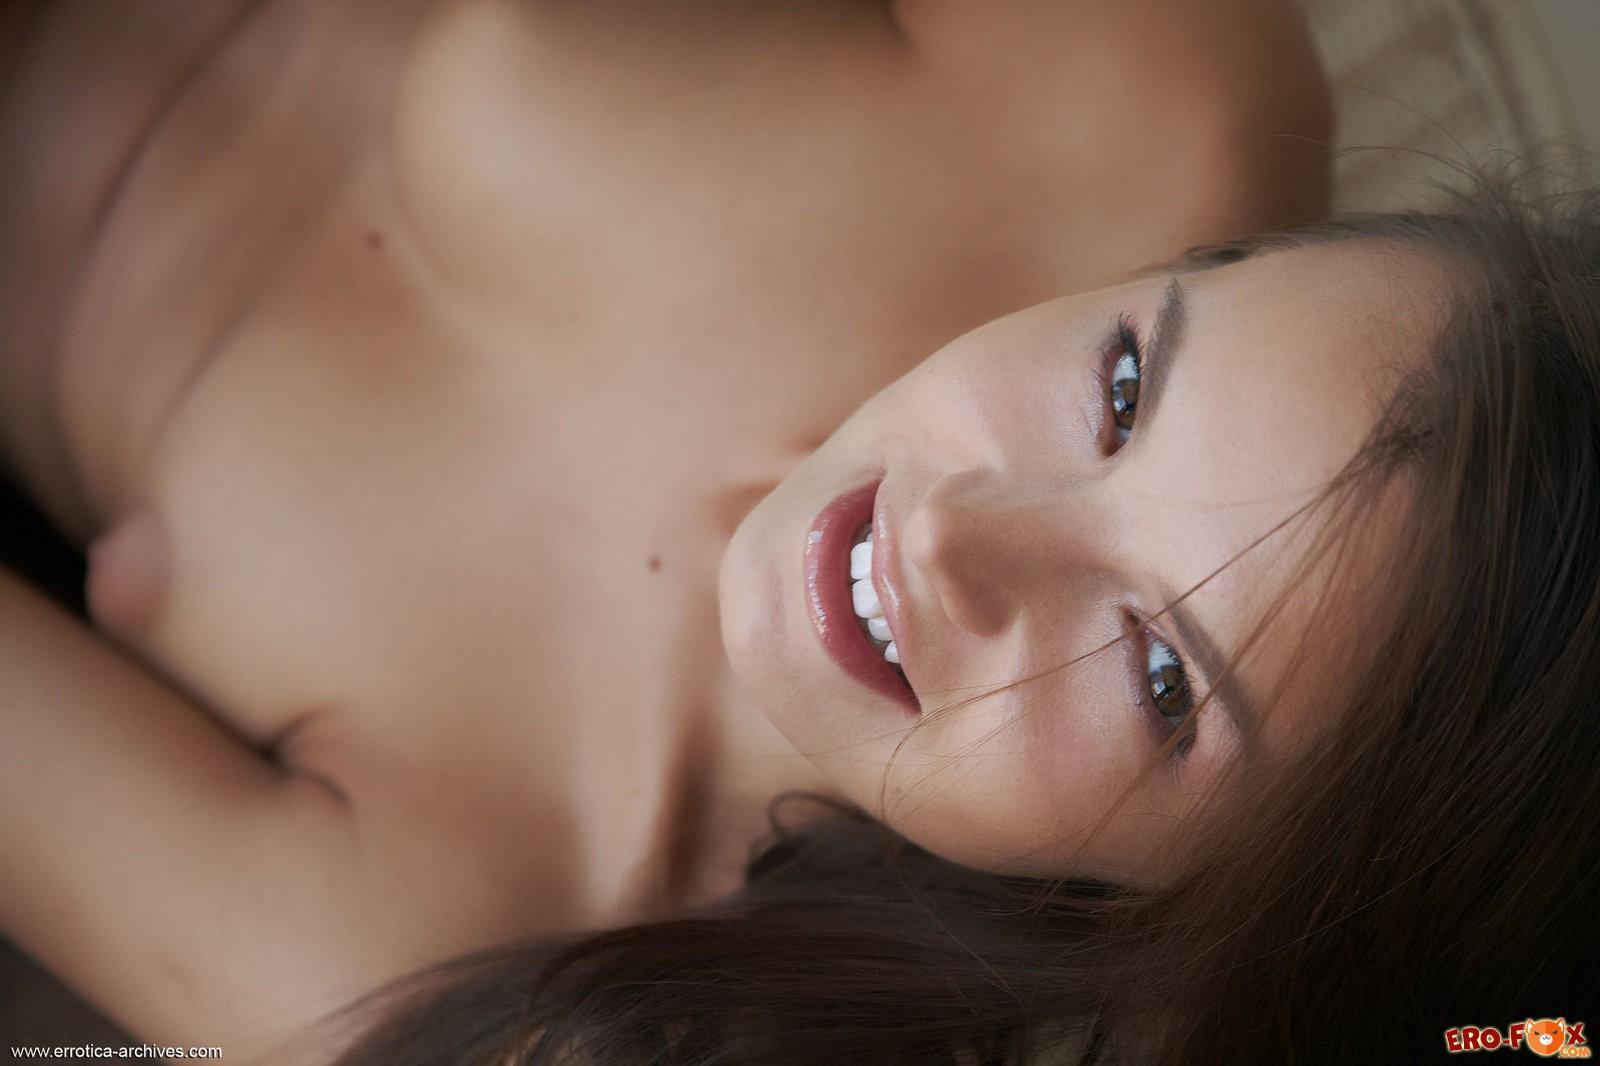 Голая девушка стоит раком жопой к камере